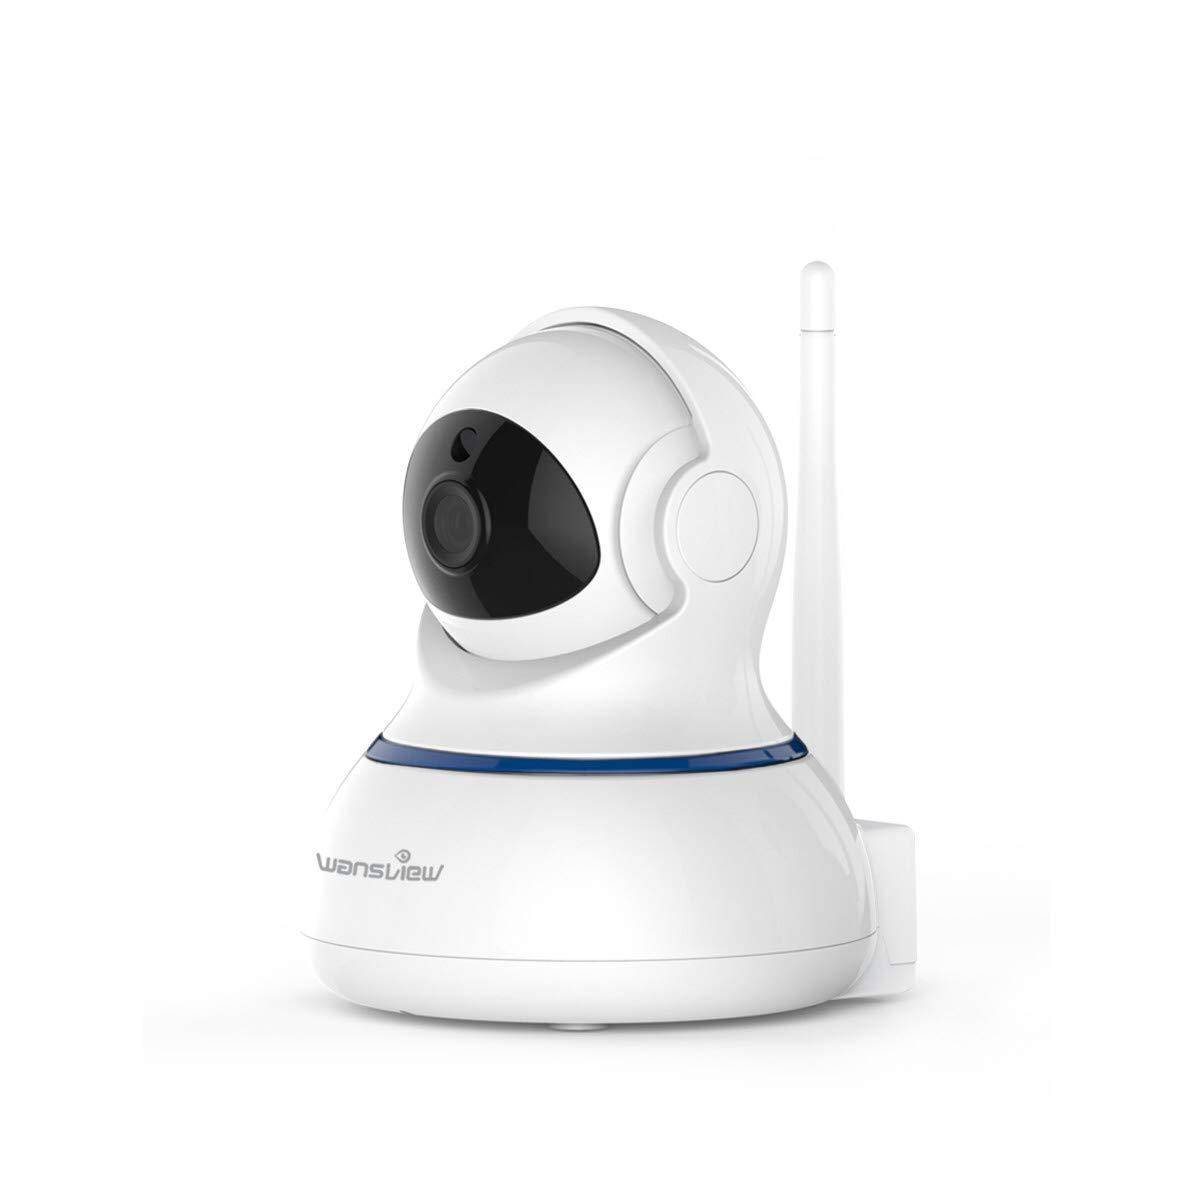 Wansview 1080P HD WLAN IP Kamera, WiFi Überwachungskamera als Home/Baby Monitor mit Schwenk und Neige, Zwei-Wege Audio, Nachtsicht Funktion, Micro SD Kartenslot und deutsche App/Anleitung Q3-S Weiß Shenzhen Smarteye Digital Electronics Co. Ltd